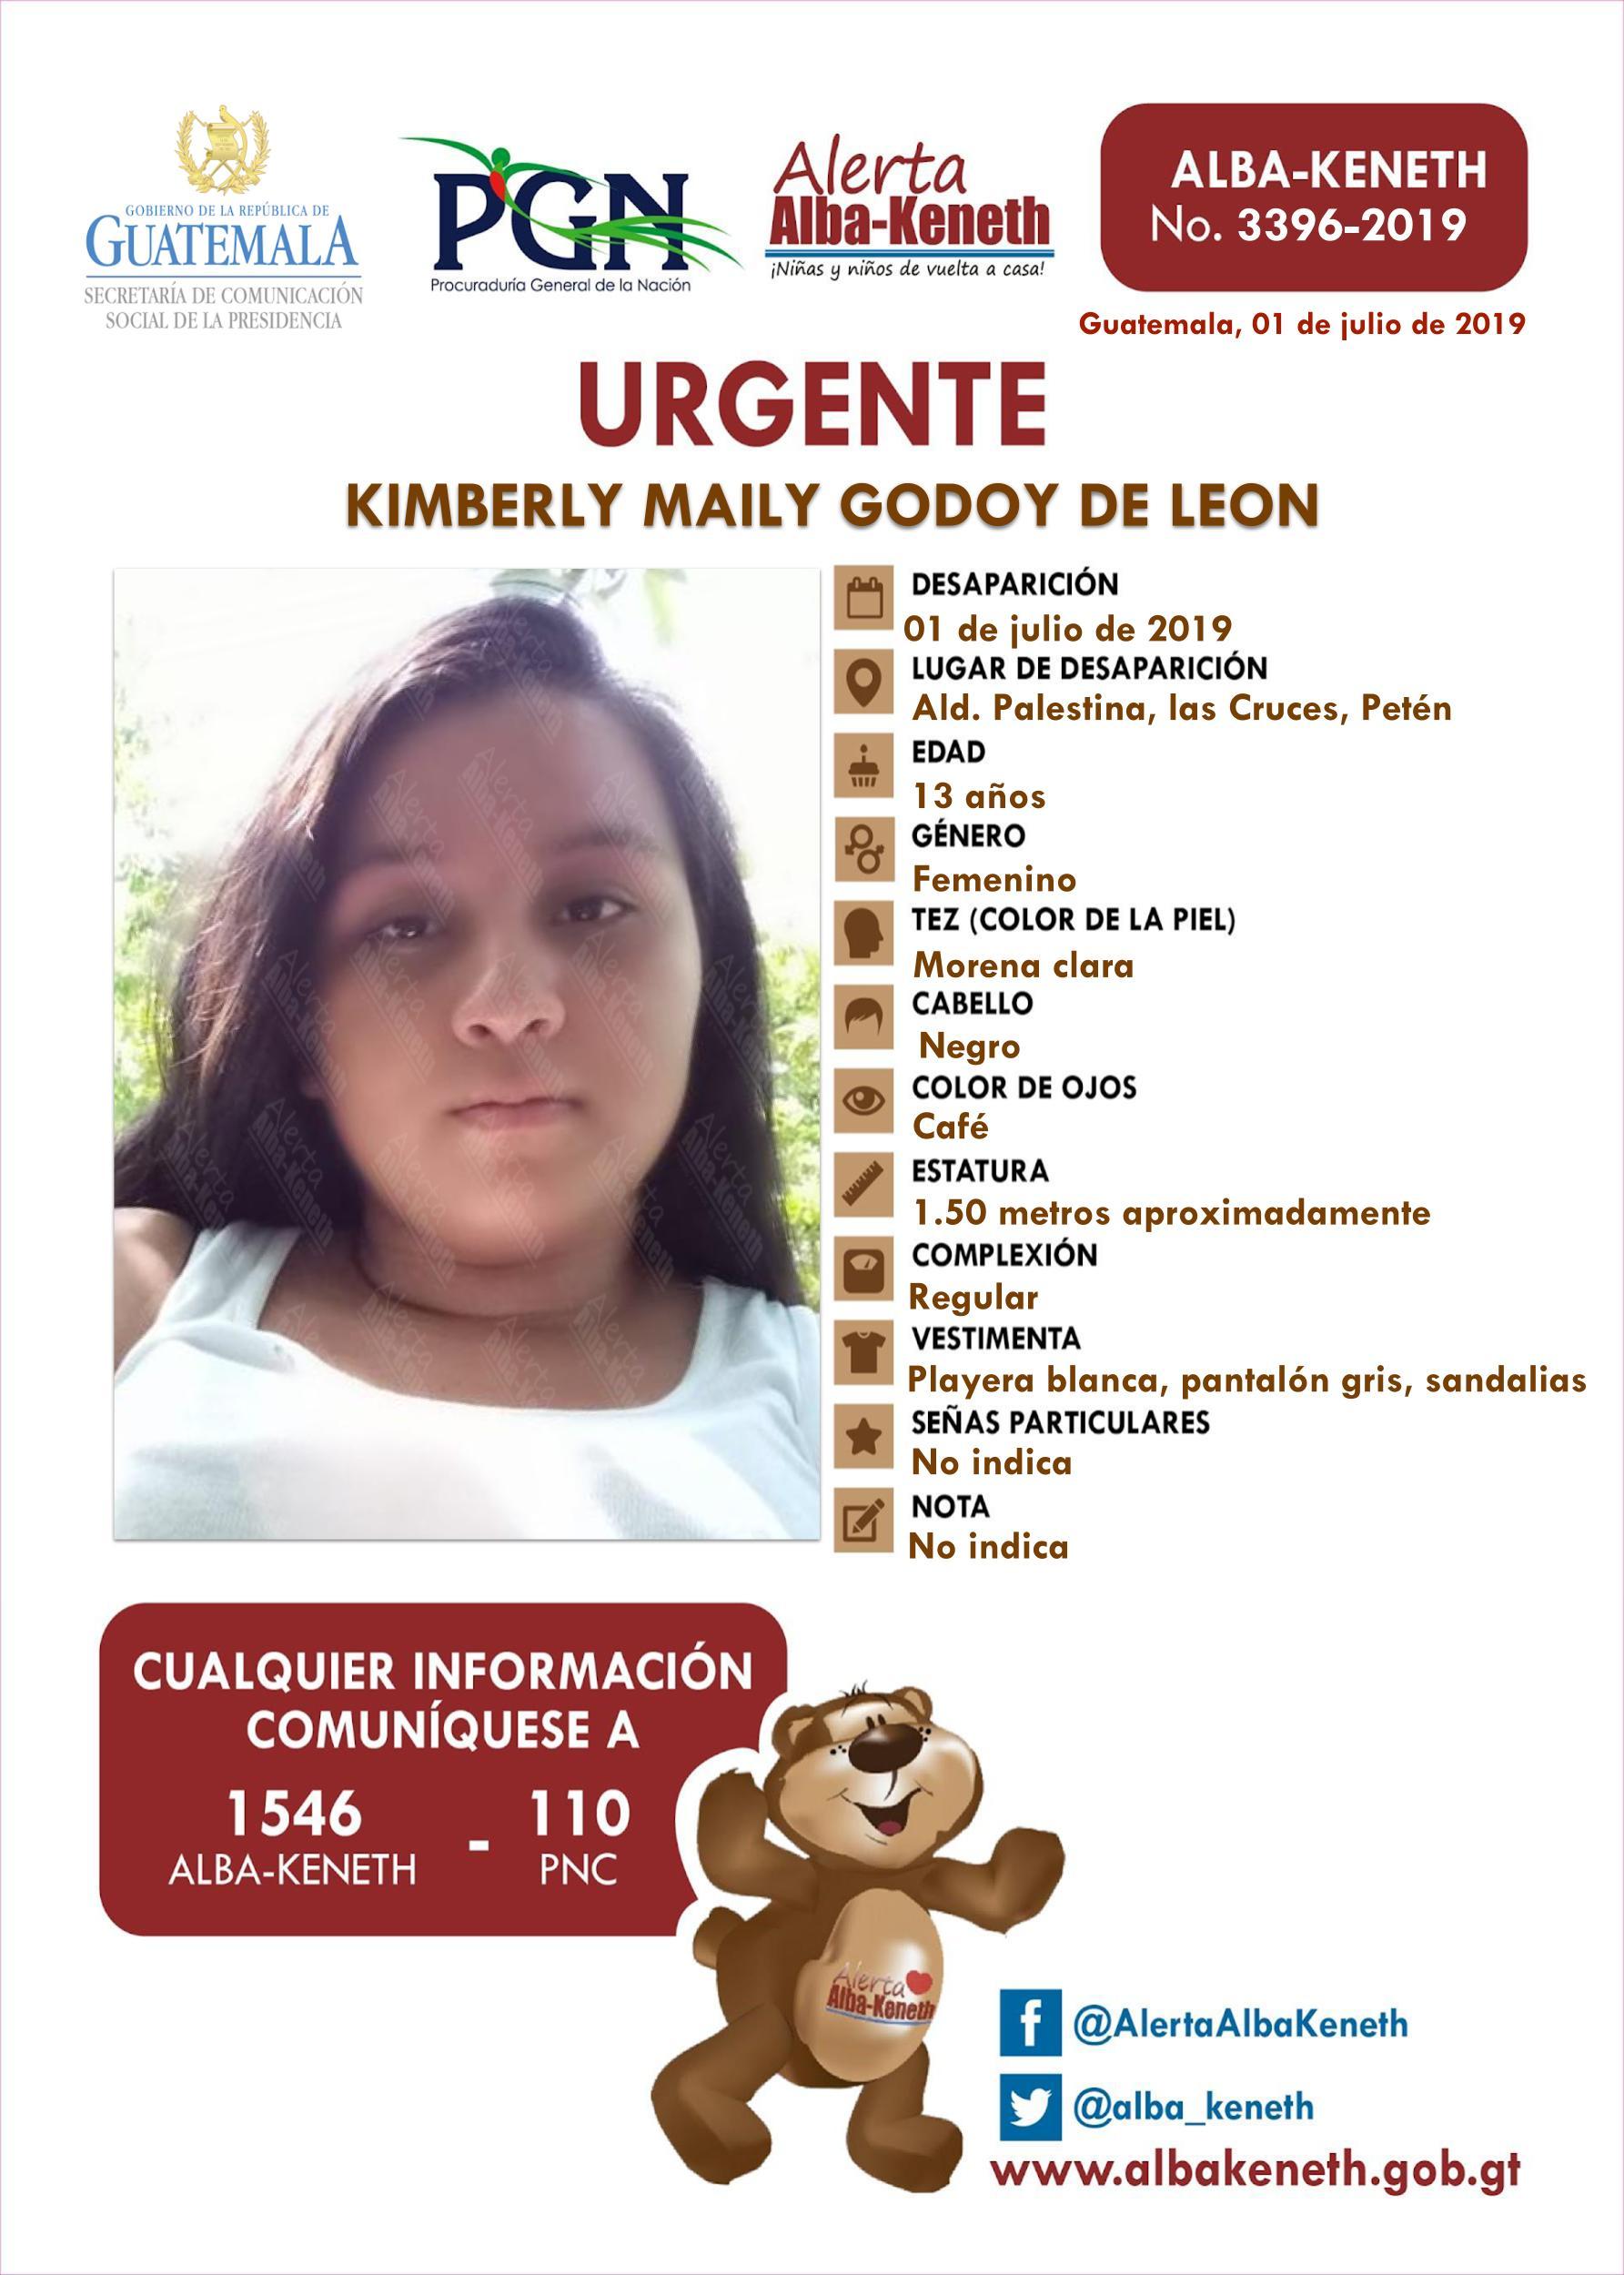 Kimberly Maily Godoy de Leon